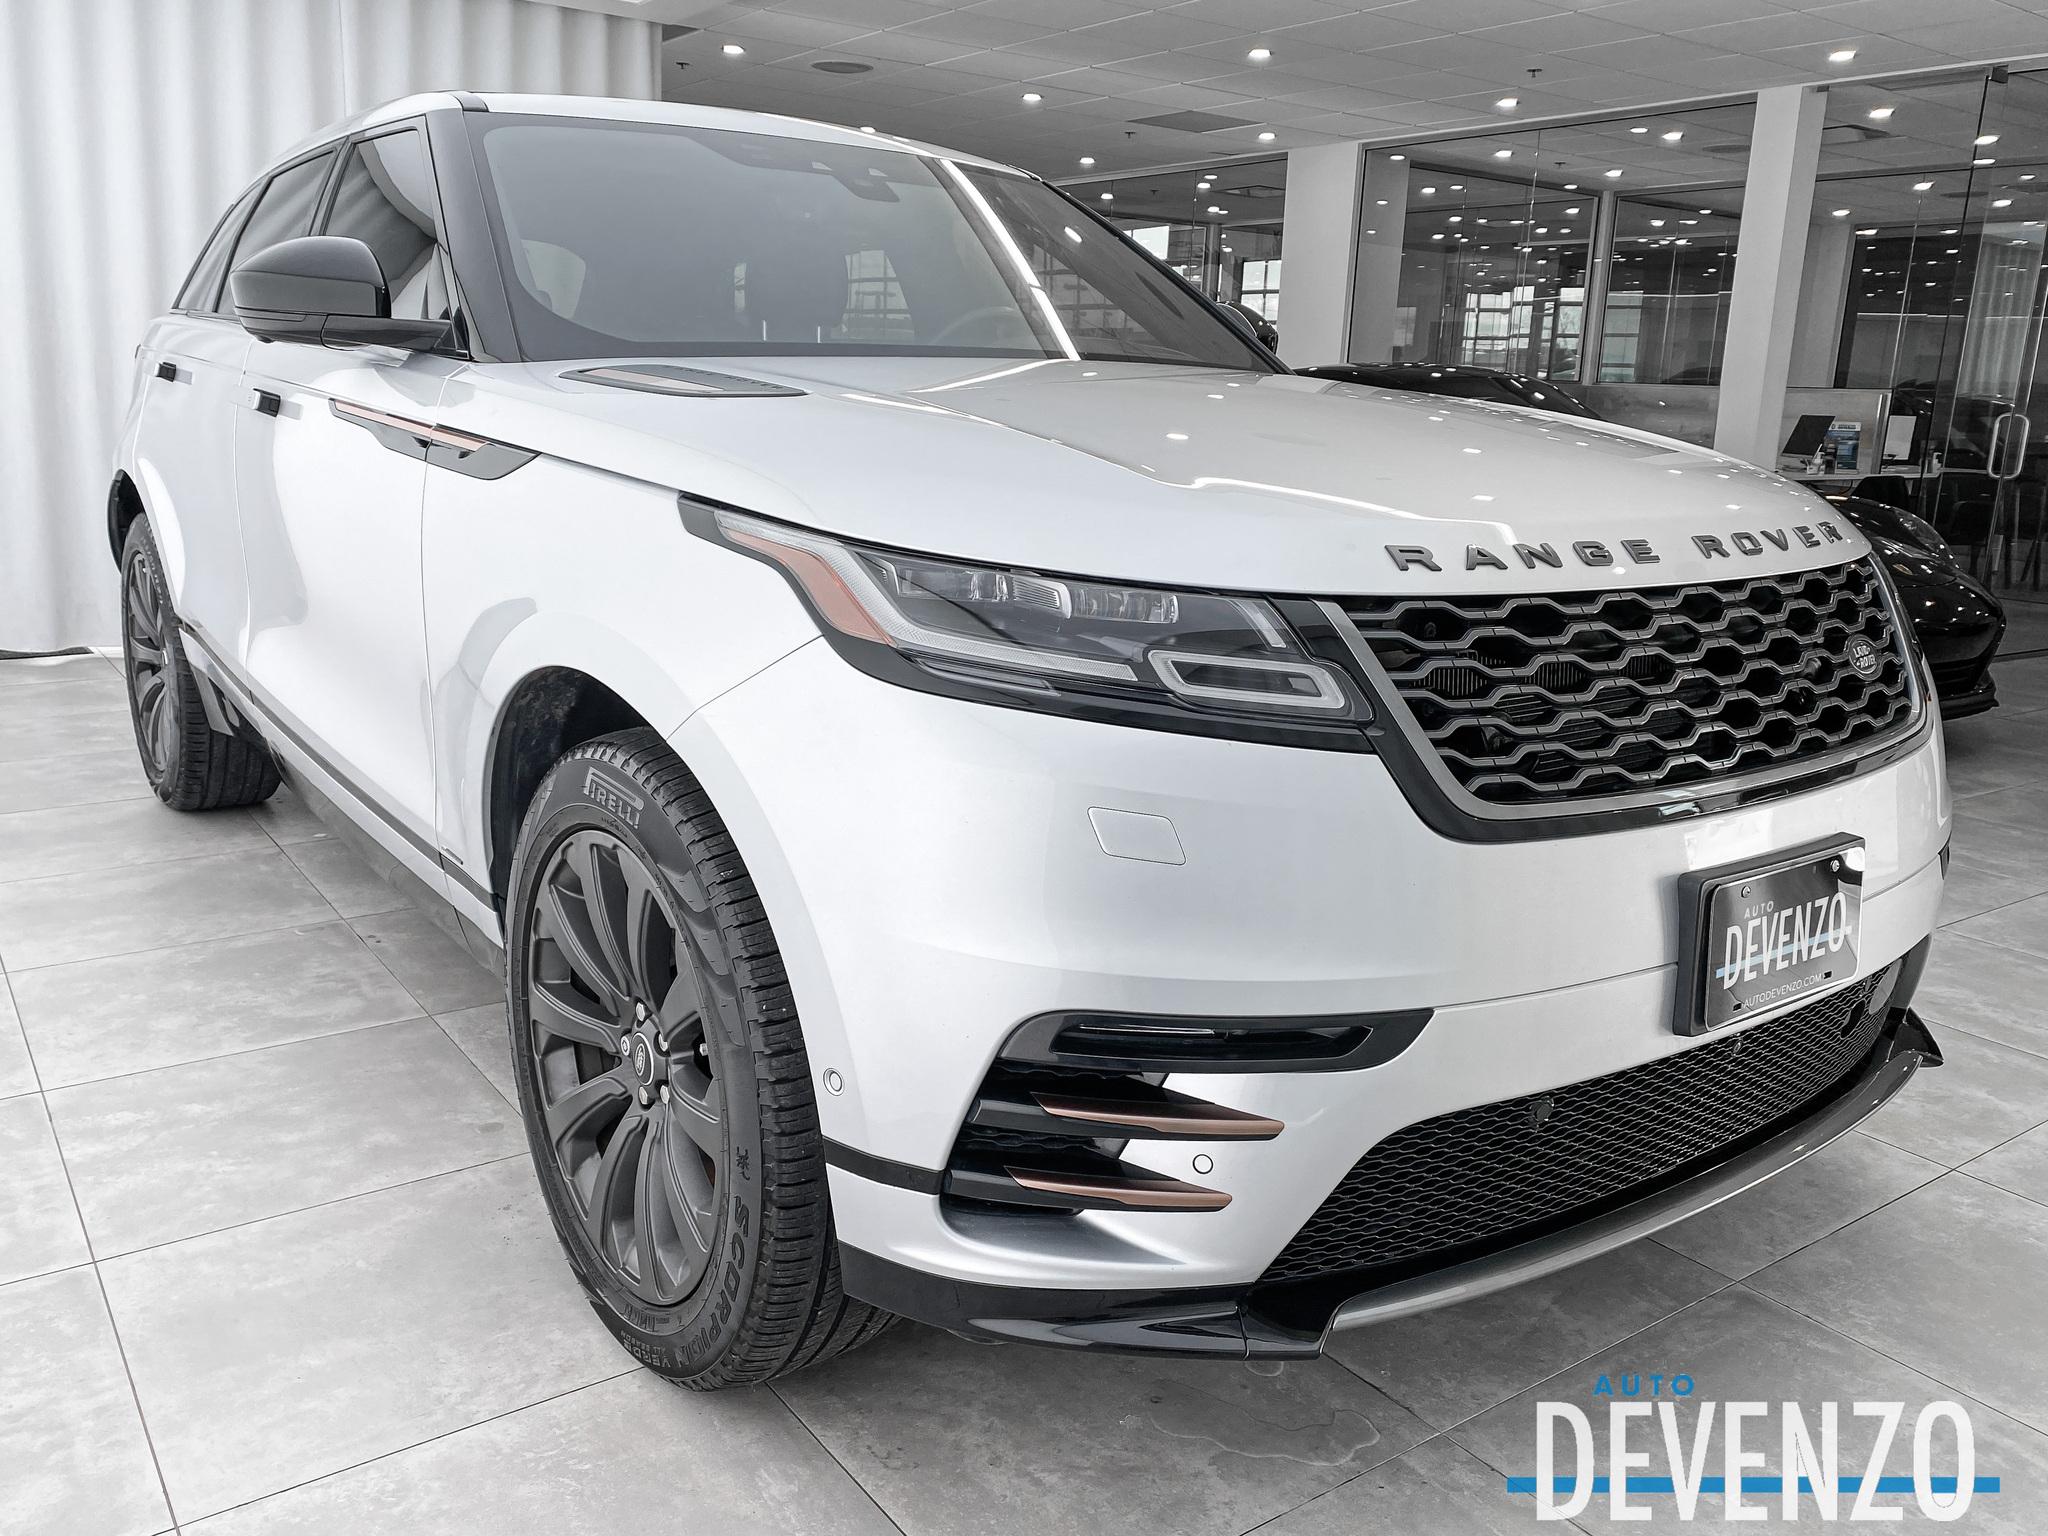 2018 Land Rover Range Rover Velar D180 R-Dynamic SE Diesel / Driver Assist Package complet